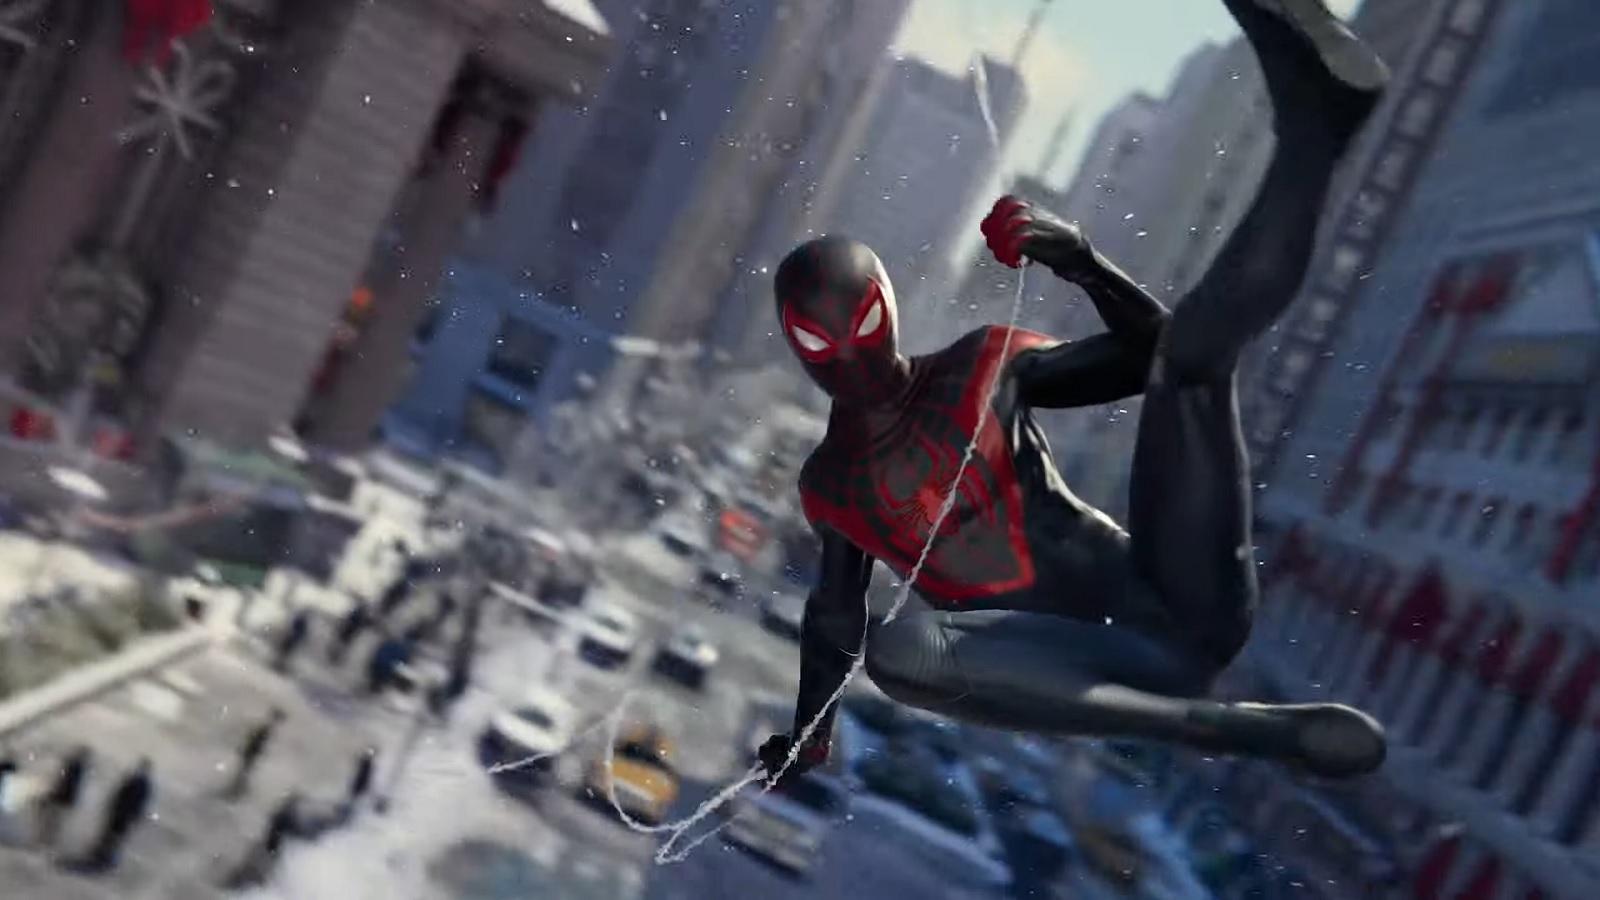 События Spider-Man: Miles Morales развернутся через год после оригинала — идругие подробности